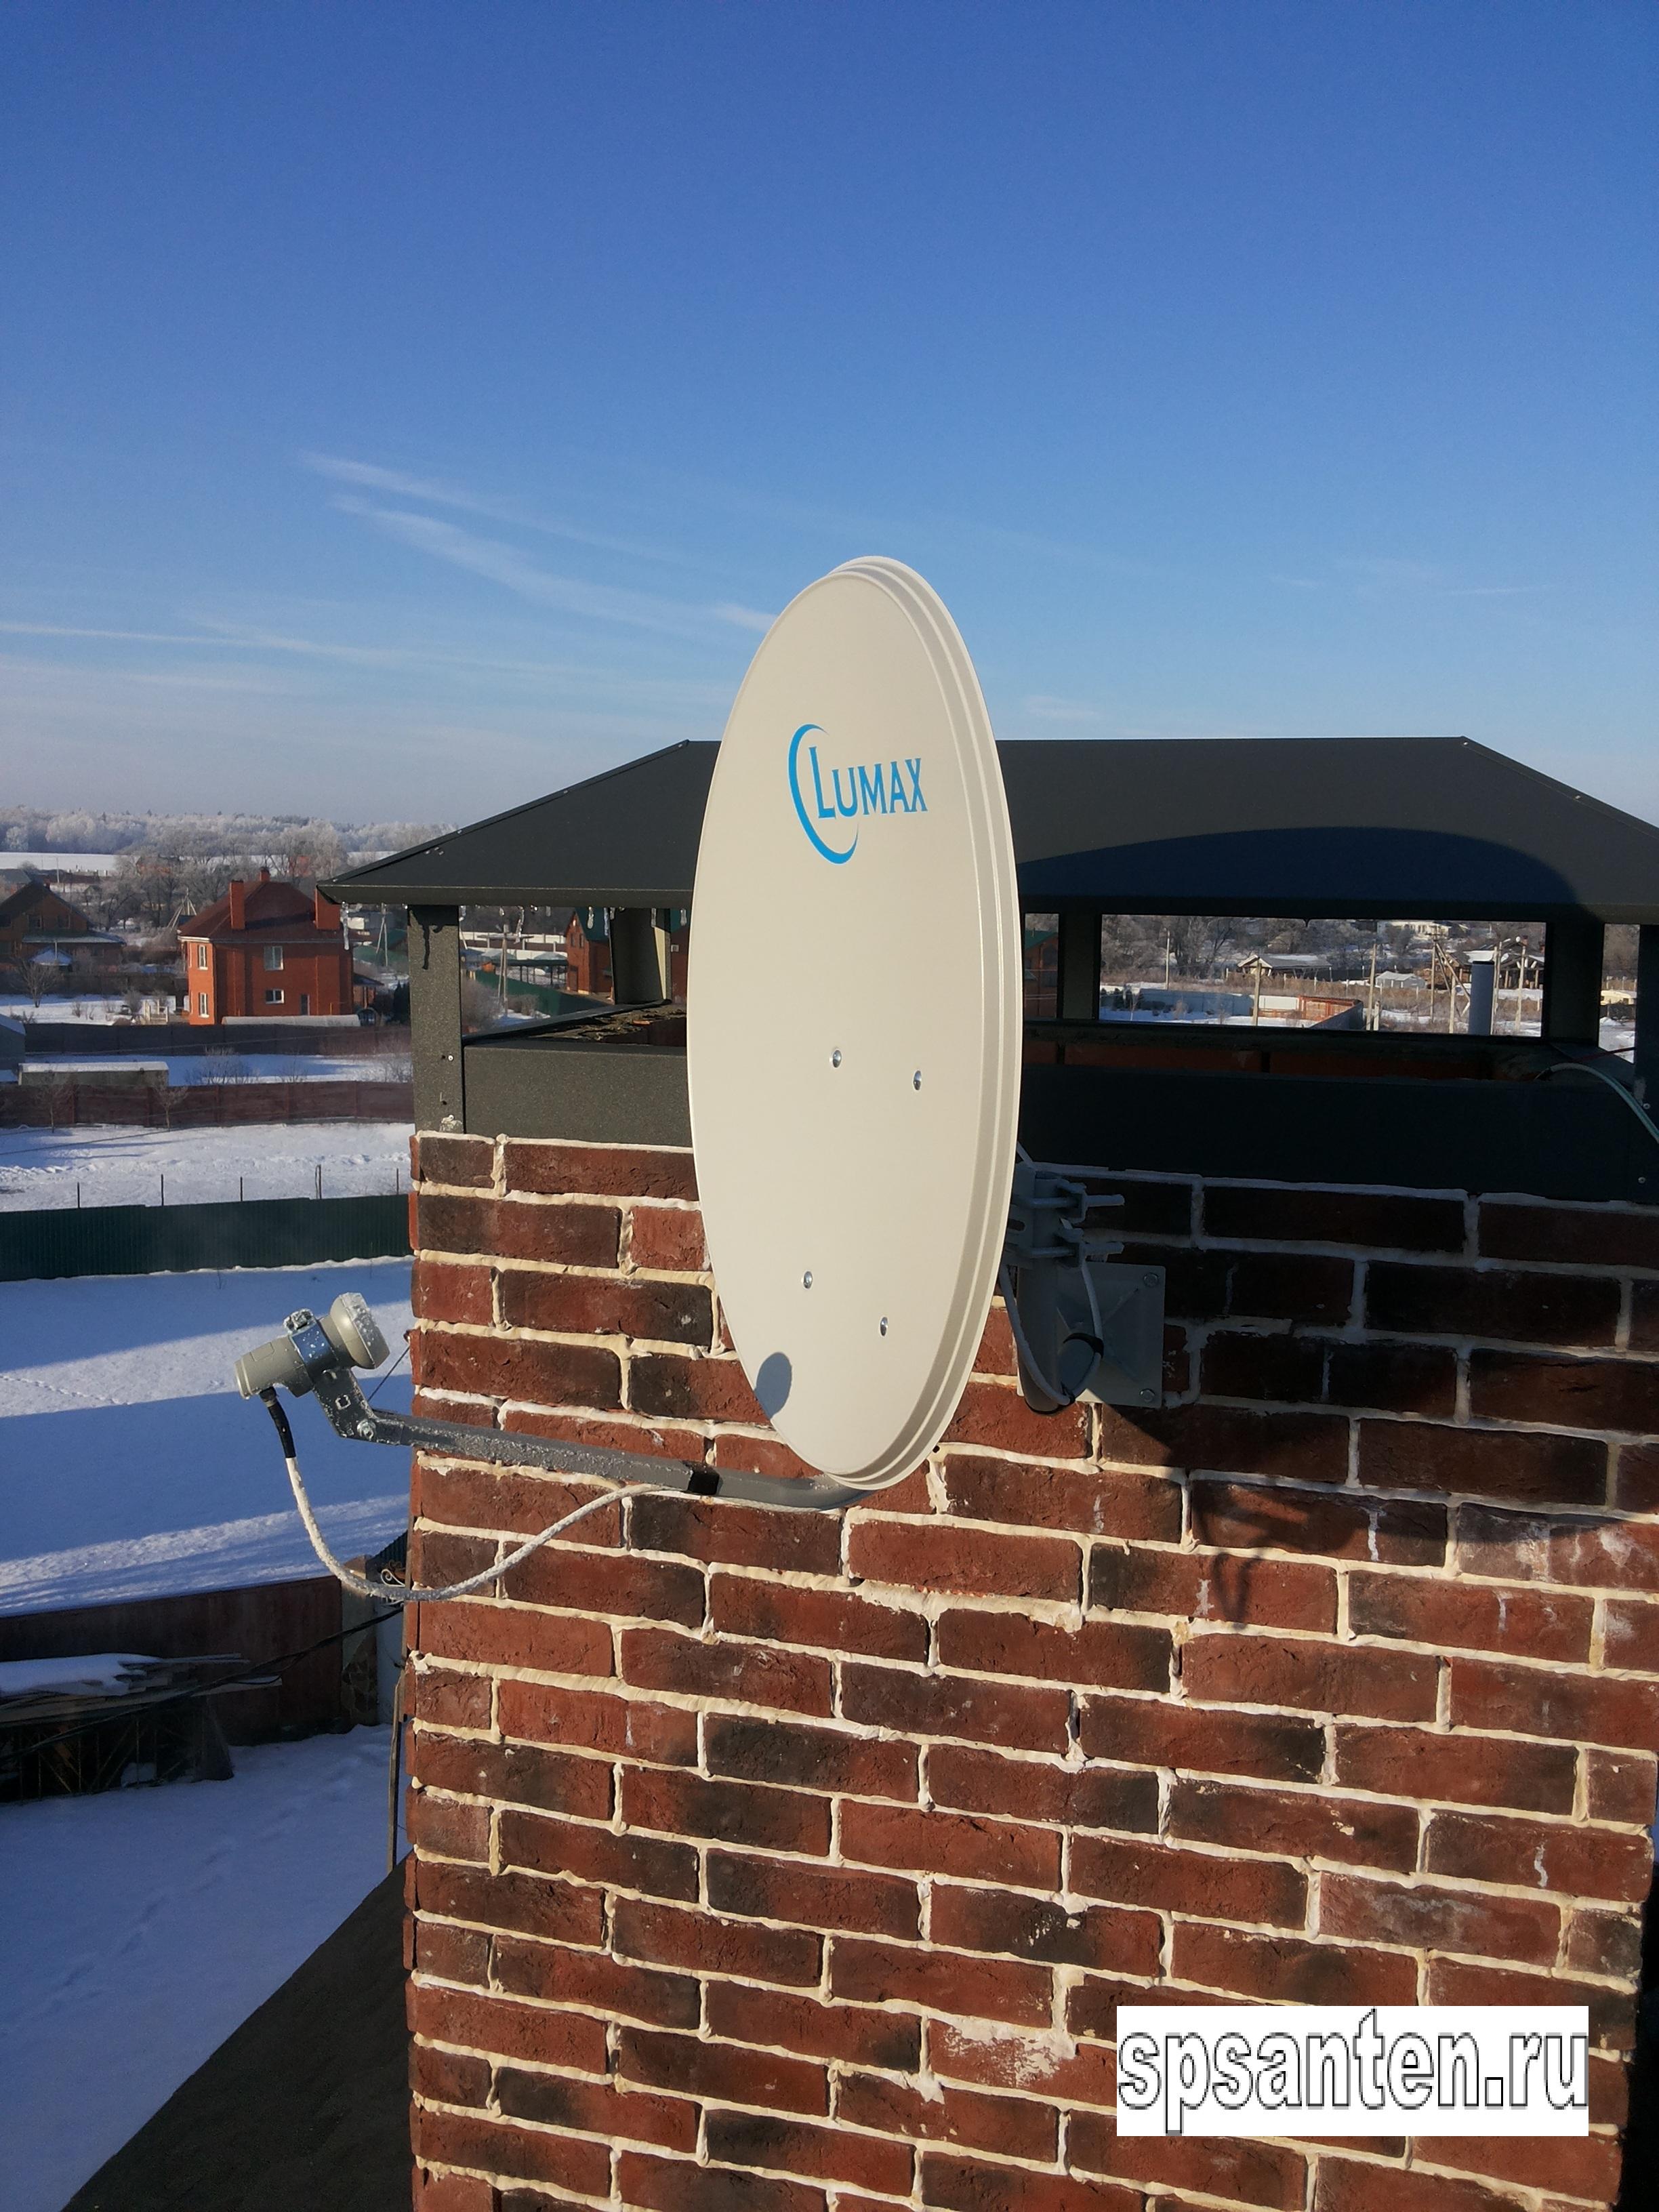 Установка антенны, подключение интернета, установка спутникового телевидения в Домодедовском районе